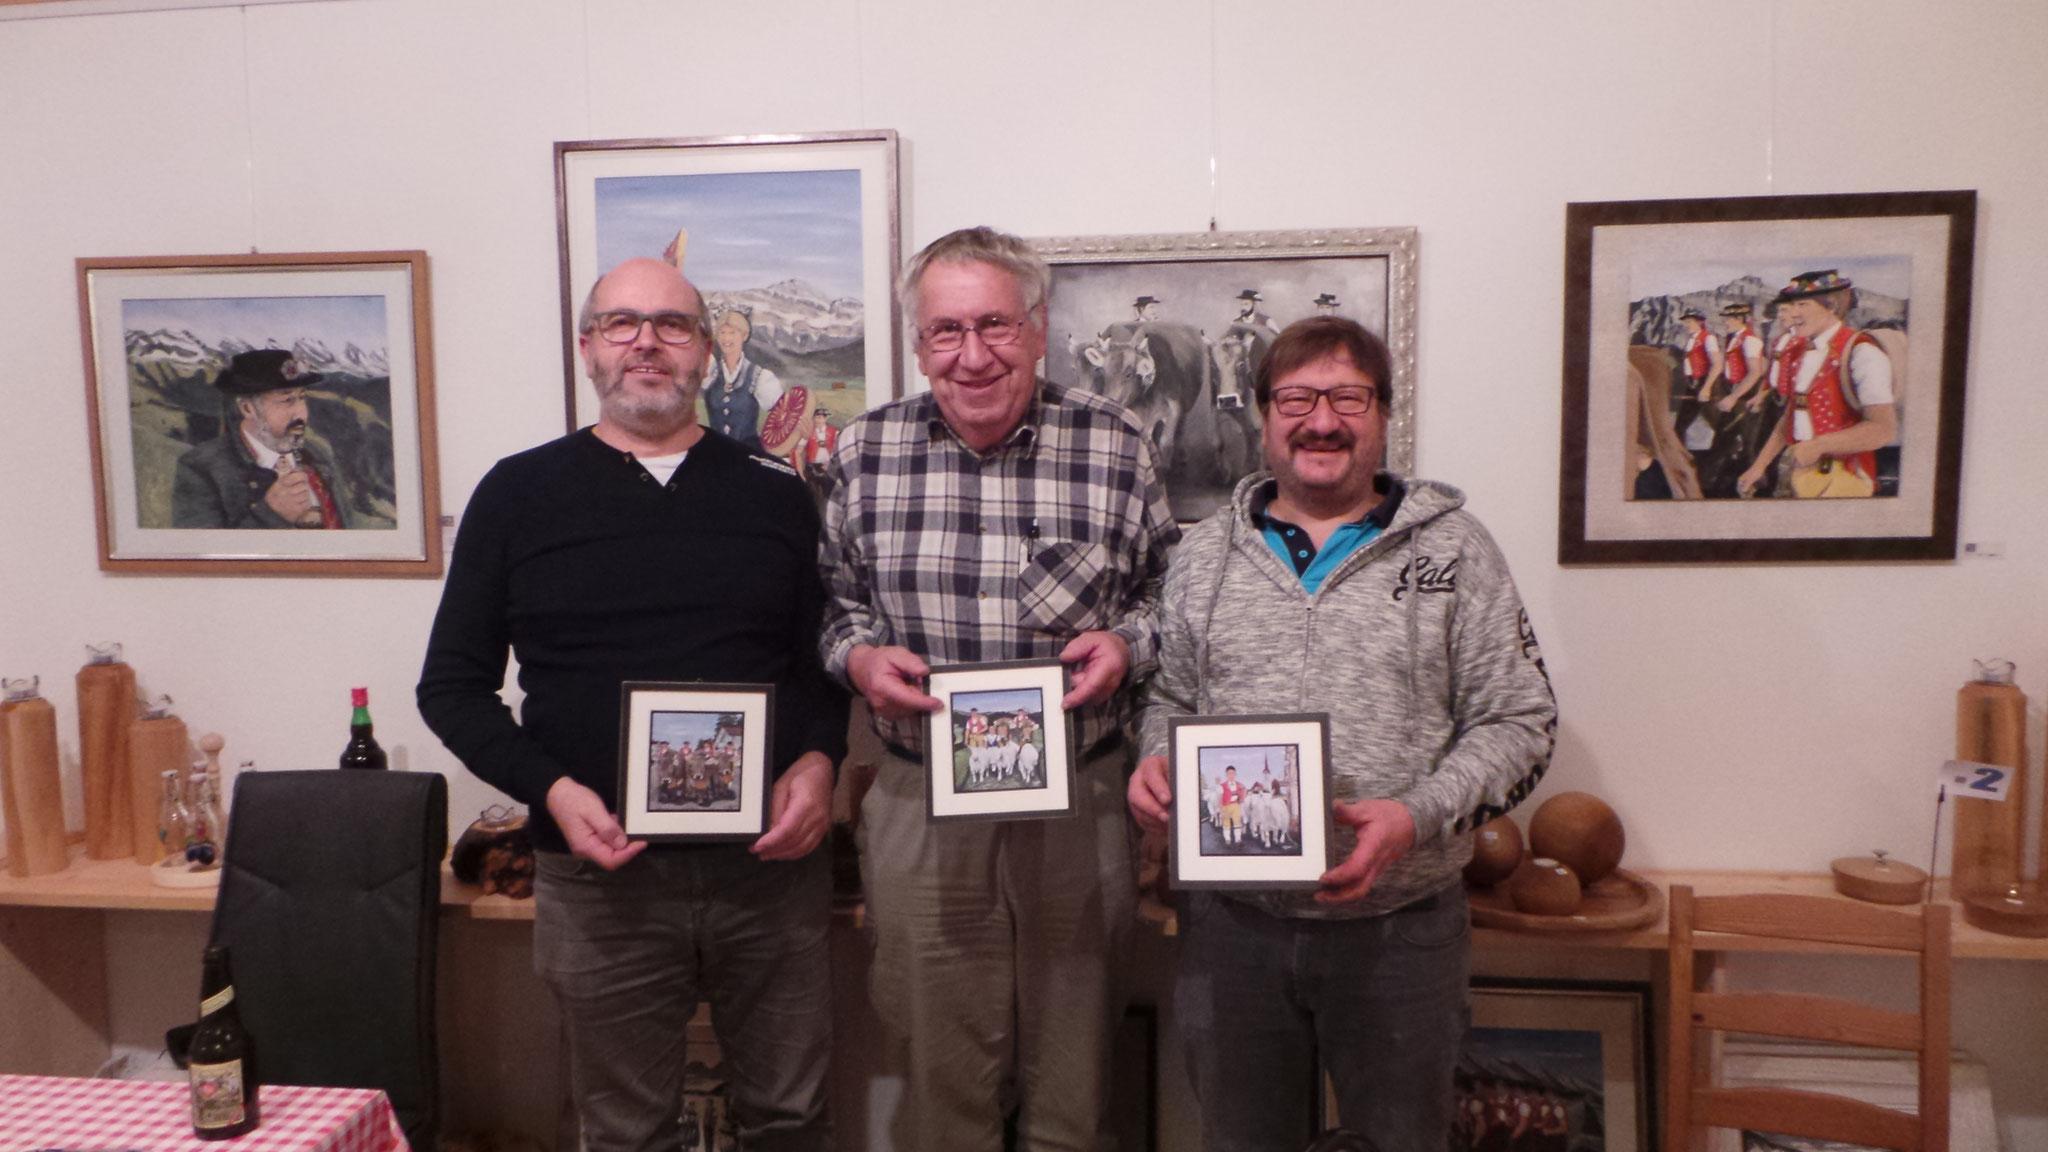 Die Gewinner;1. Werner Tobler,2. Petersturzenegger, 3. Jürg Rotach